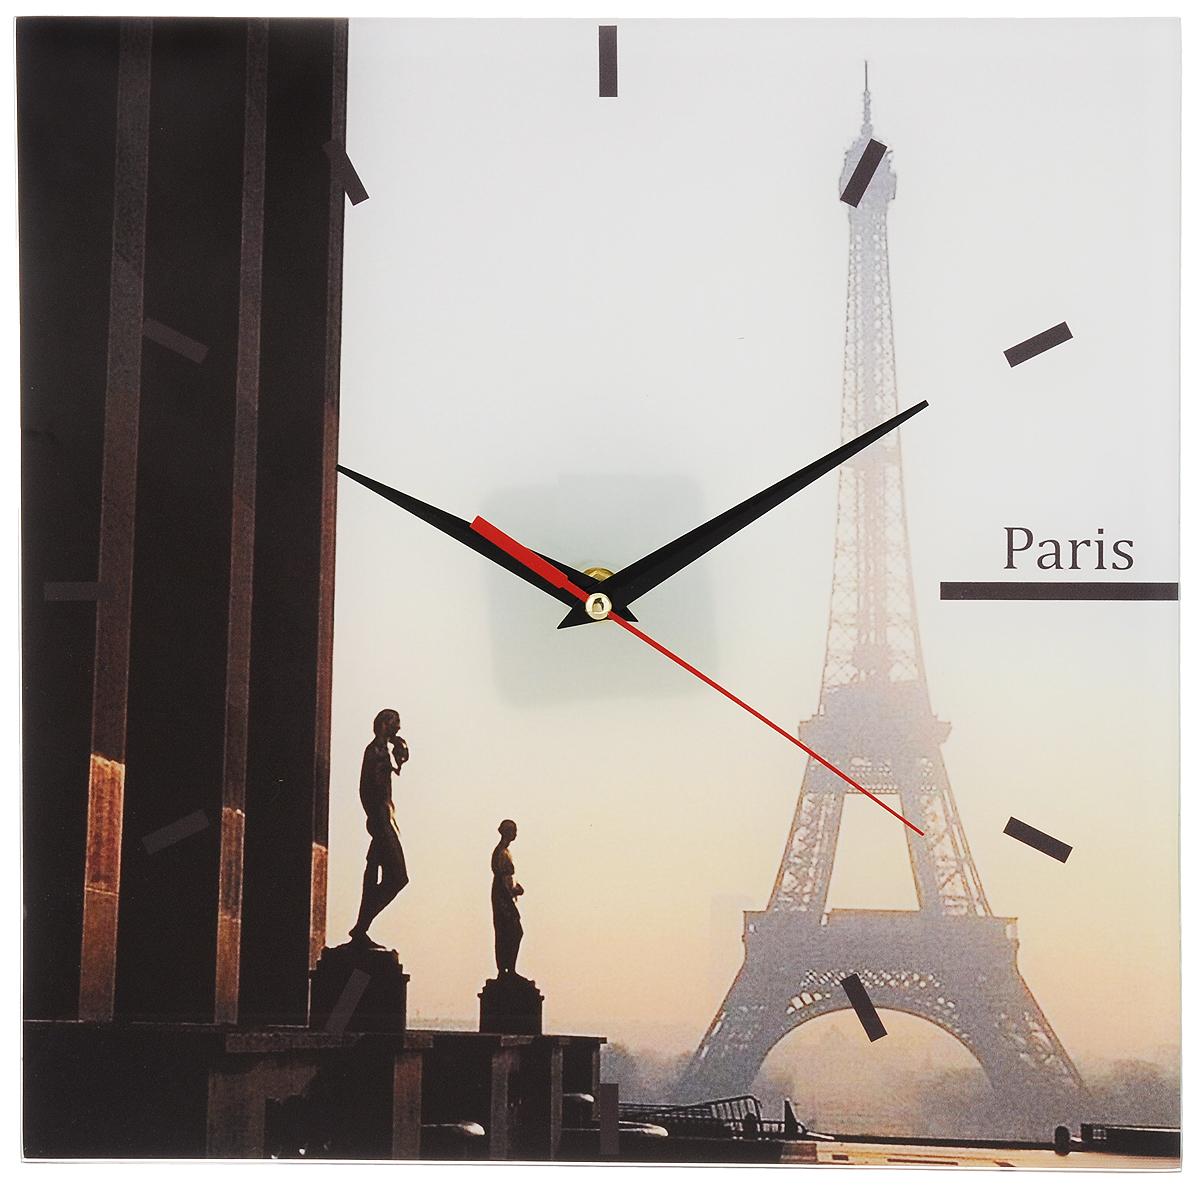 Часы настенные Paris, стеклянные, цвет: мульти. 9530195301Оригинальные настенные часы Paris выполнены из стекла и оформлены изображением Парижа. Часы имеют три стрелки - часовую, минутную и секундную. Циферблат часов не защищен. Необычное дизайнерское решение и качество исполнения придутся по вкусу каждому. Оформите совой дом таким интерьерным аксессуаром или преподнесите его в качестве презента друзьям, и они оценят ваш оригинальный вкус и неординарность подарка. Характеристики: Материал: пластик, стекло. Размер: 28 см x 28 см x 2 см. Размер упаковки: 30 см х 30 см х 4,5 см. Артикул: 95301. Работают от батарейки типа АА (в комплект не входит).